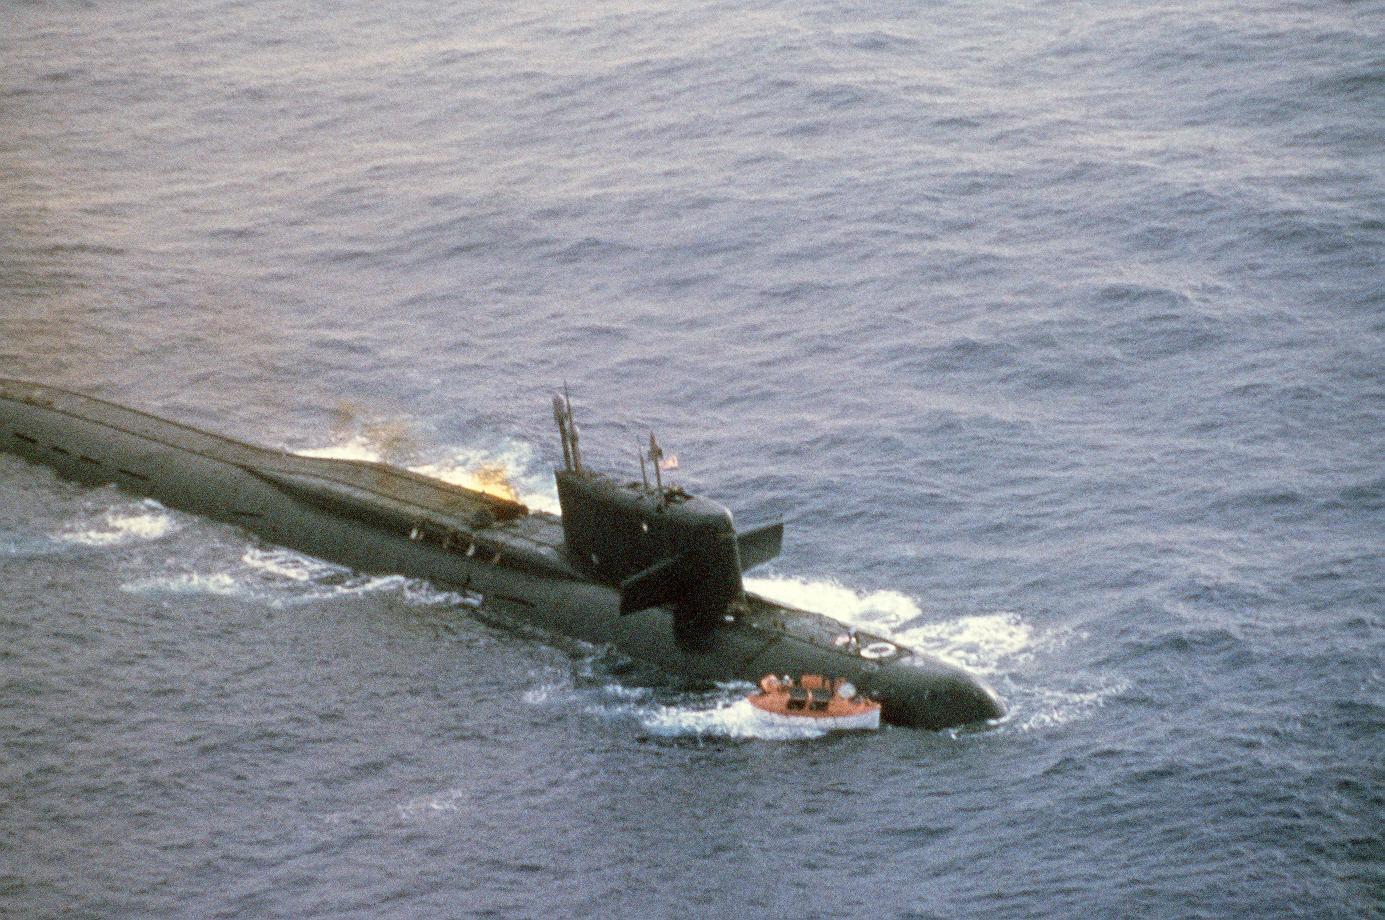 Терпящая бедствие в Атлантике советская атомная подводная лодка К-219